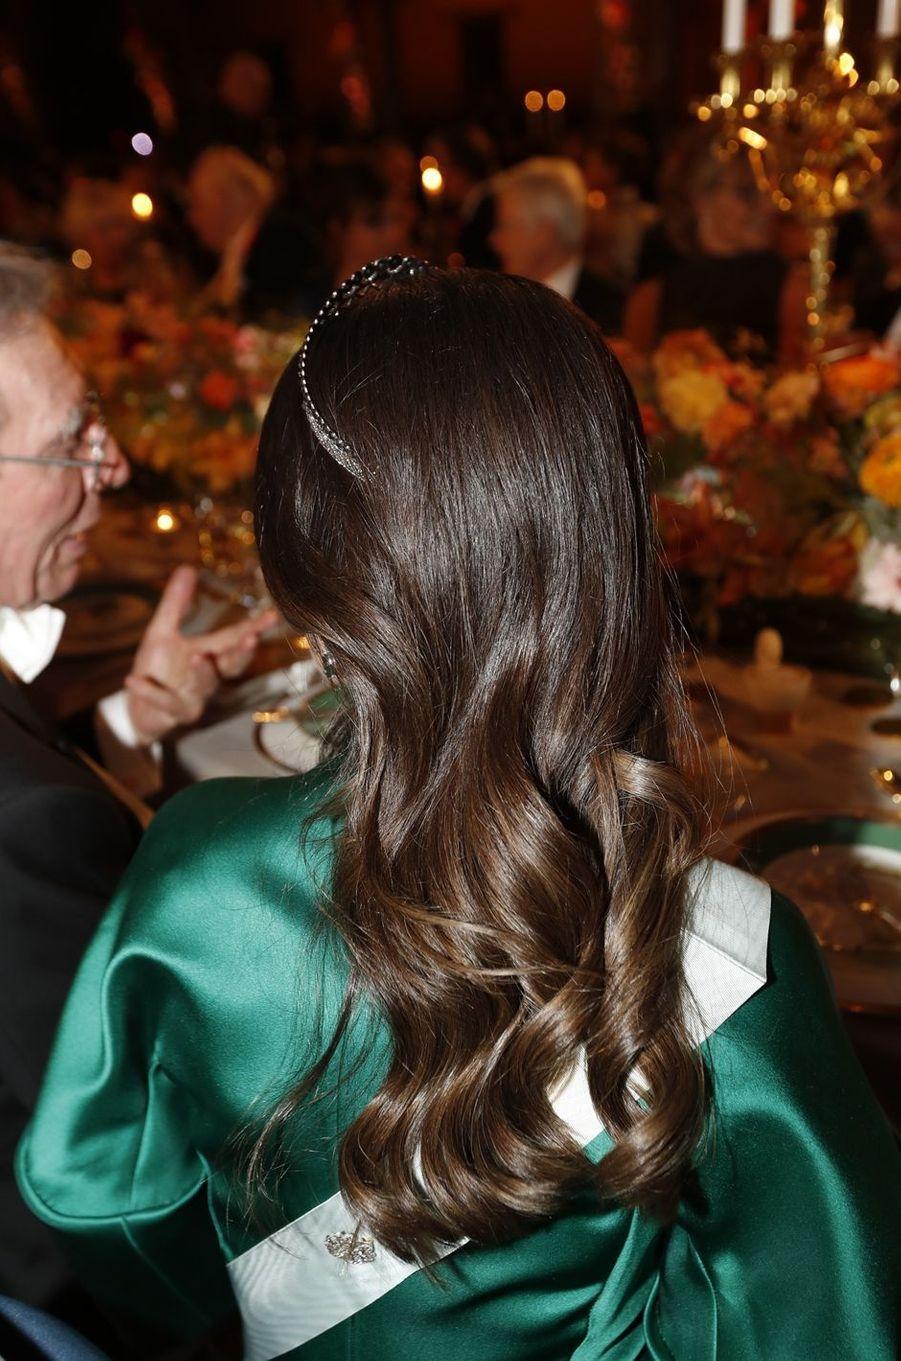 La coiffure de la princesse Sofia de Suède à Stockholm, le 10 décembre 2016